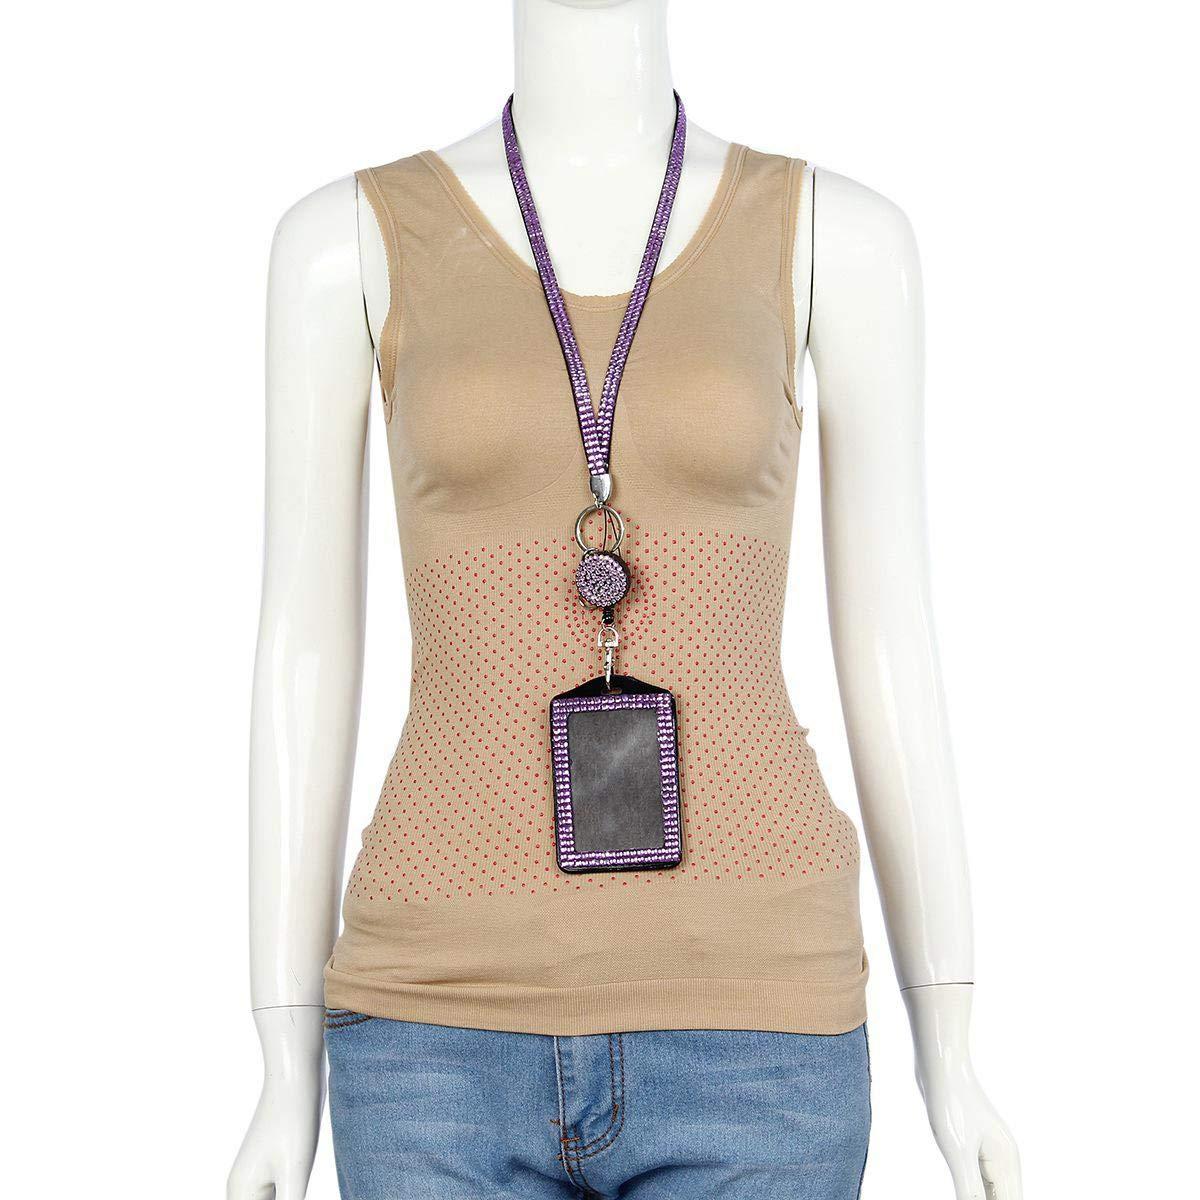 FOONEE Strass Porta ID Card Lanyard Cristallo con Cinghia da Collo a Scomparsa per Badge con Chiusura a moschettone di Sicurezza per Ufficio//Business Blue